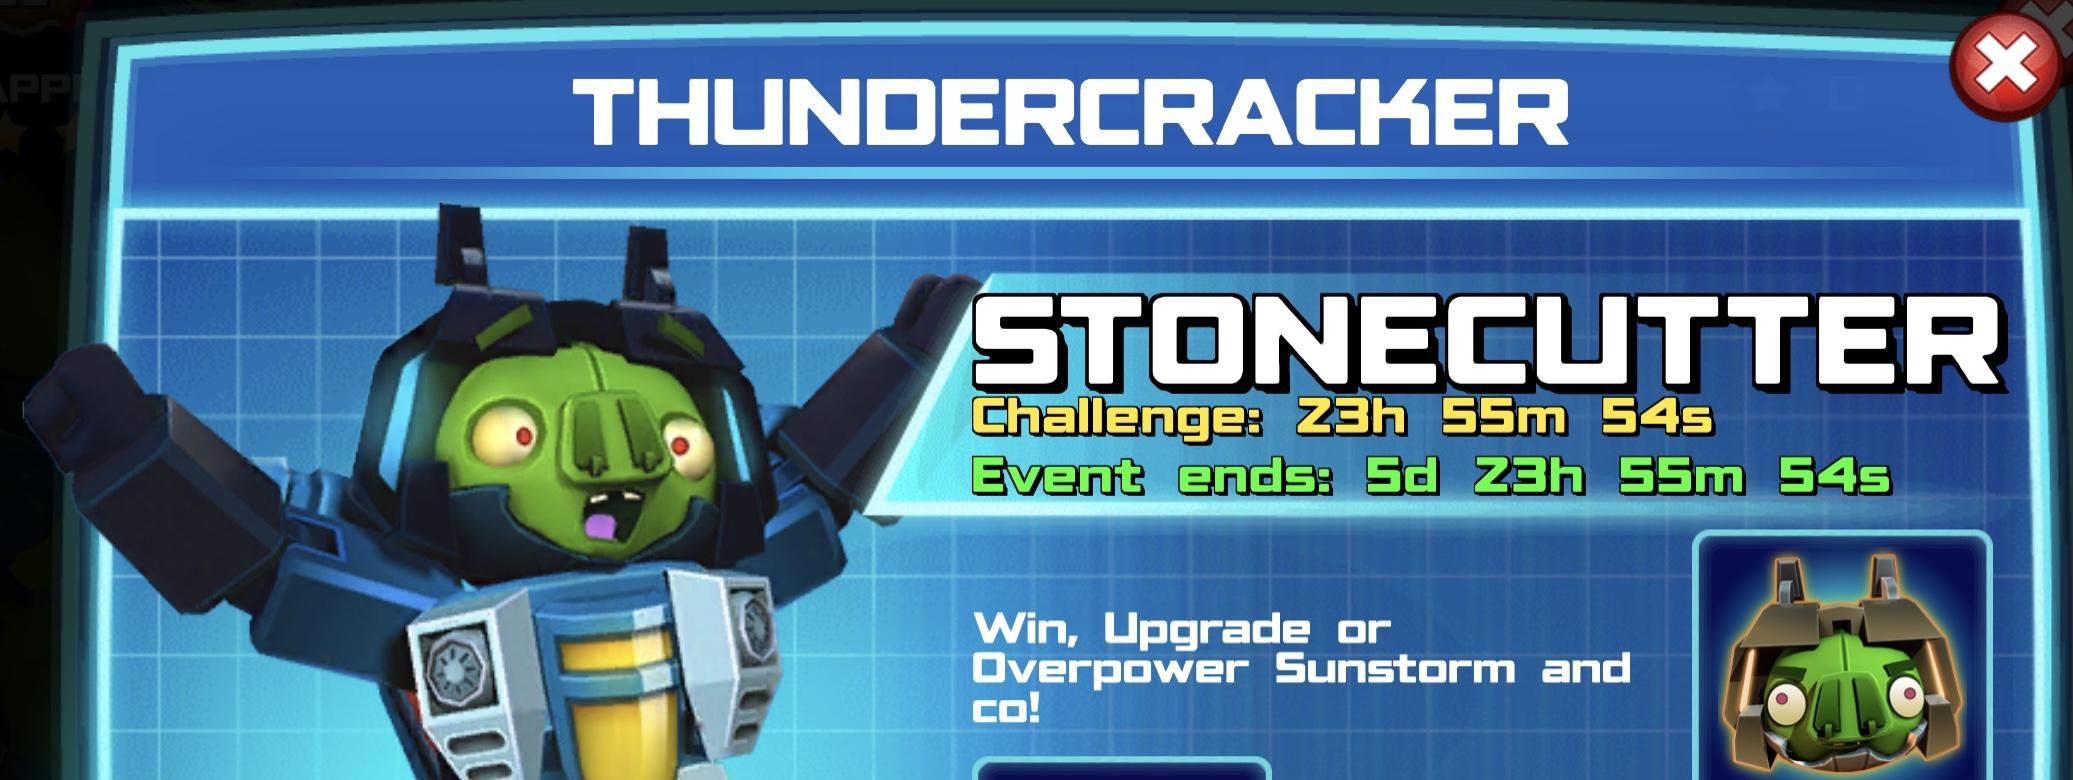 The event banner for Thundercracker